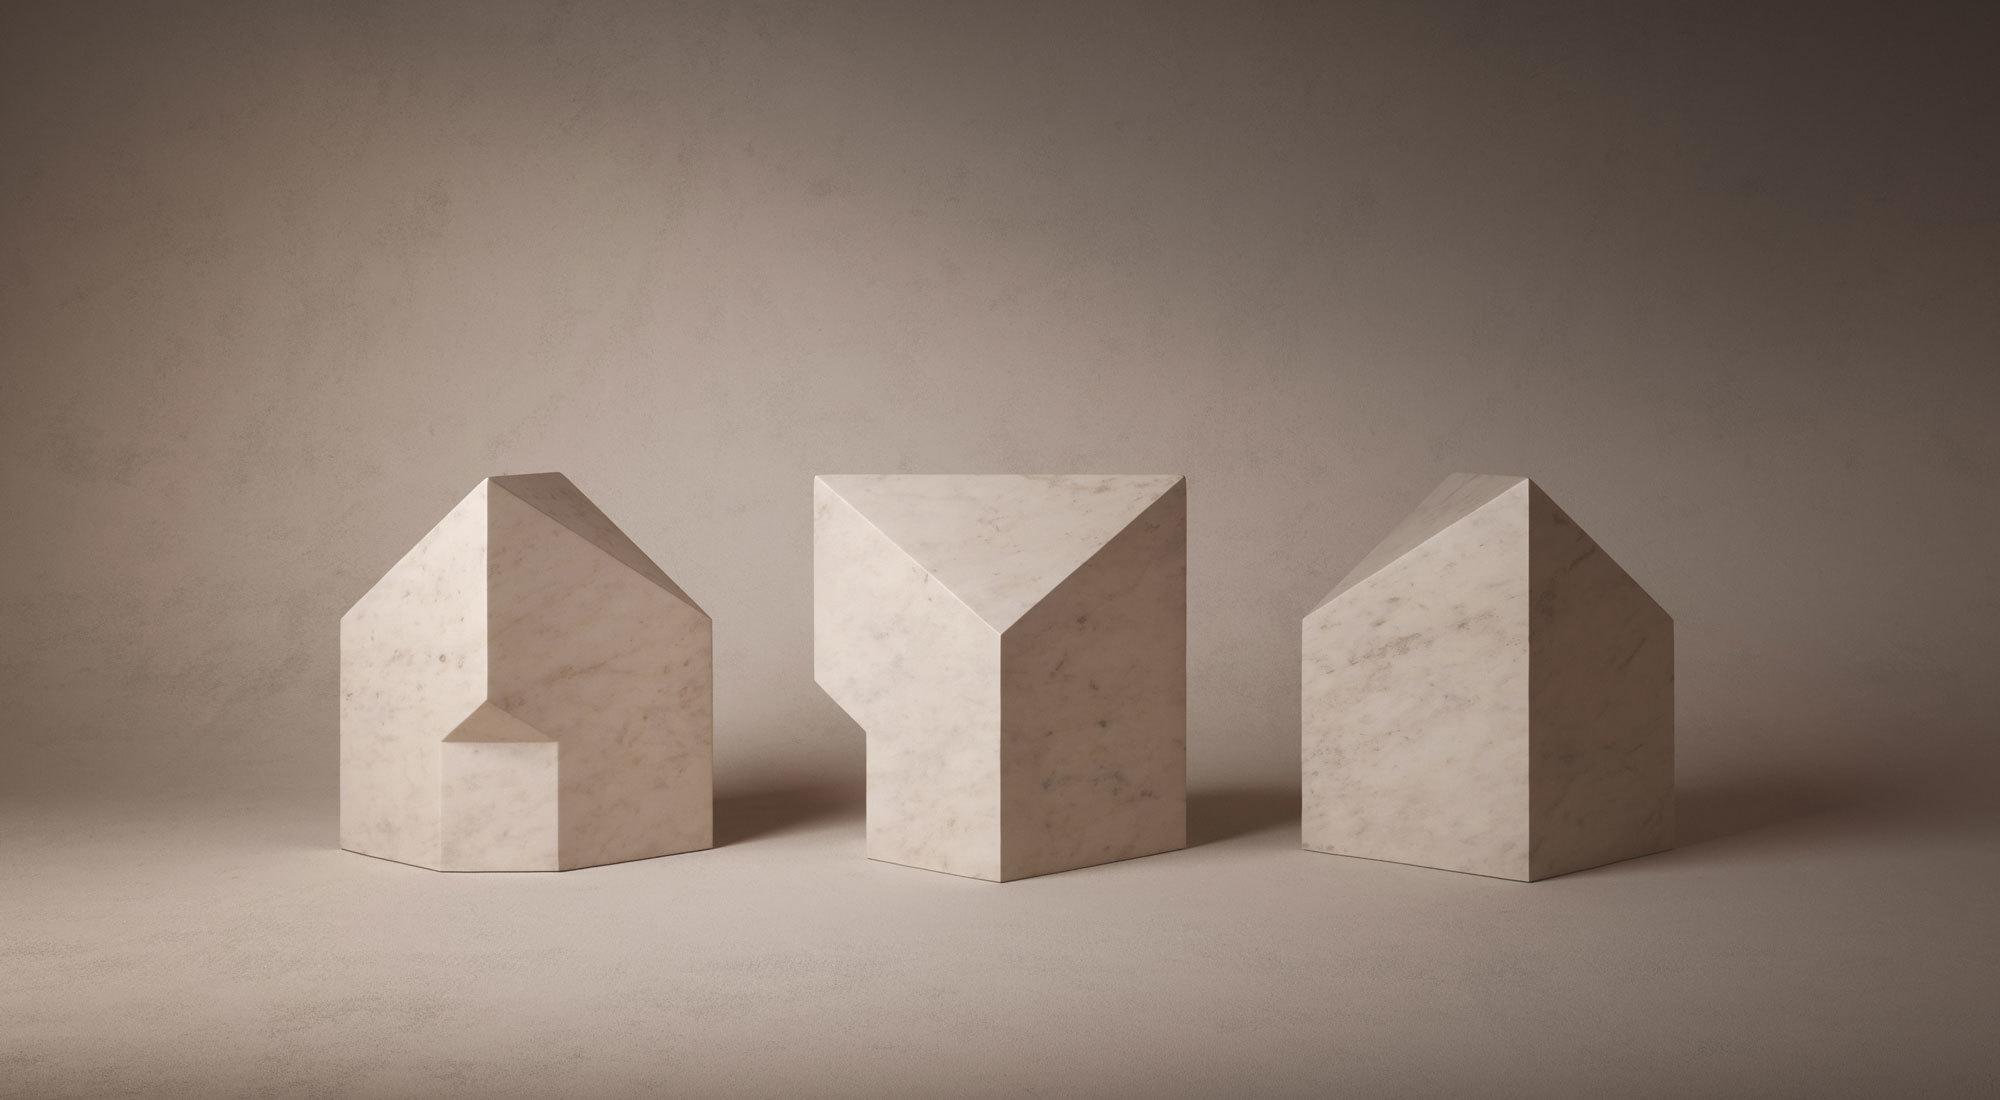 Alma aus der Kollektion Kore von Patricia Urquiola